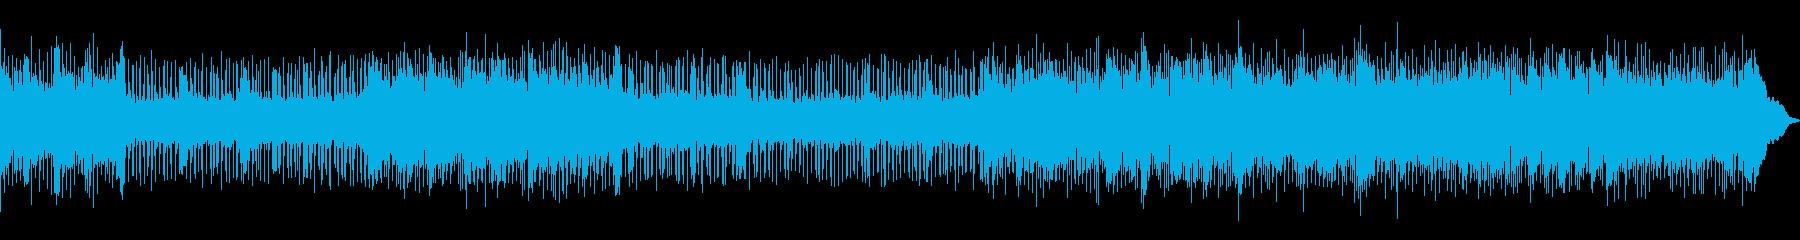 リズム感あふれるロックの再生済みの波形